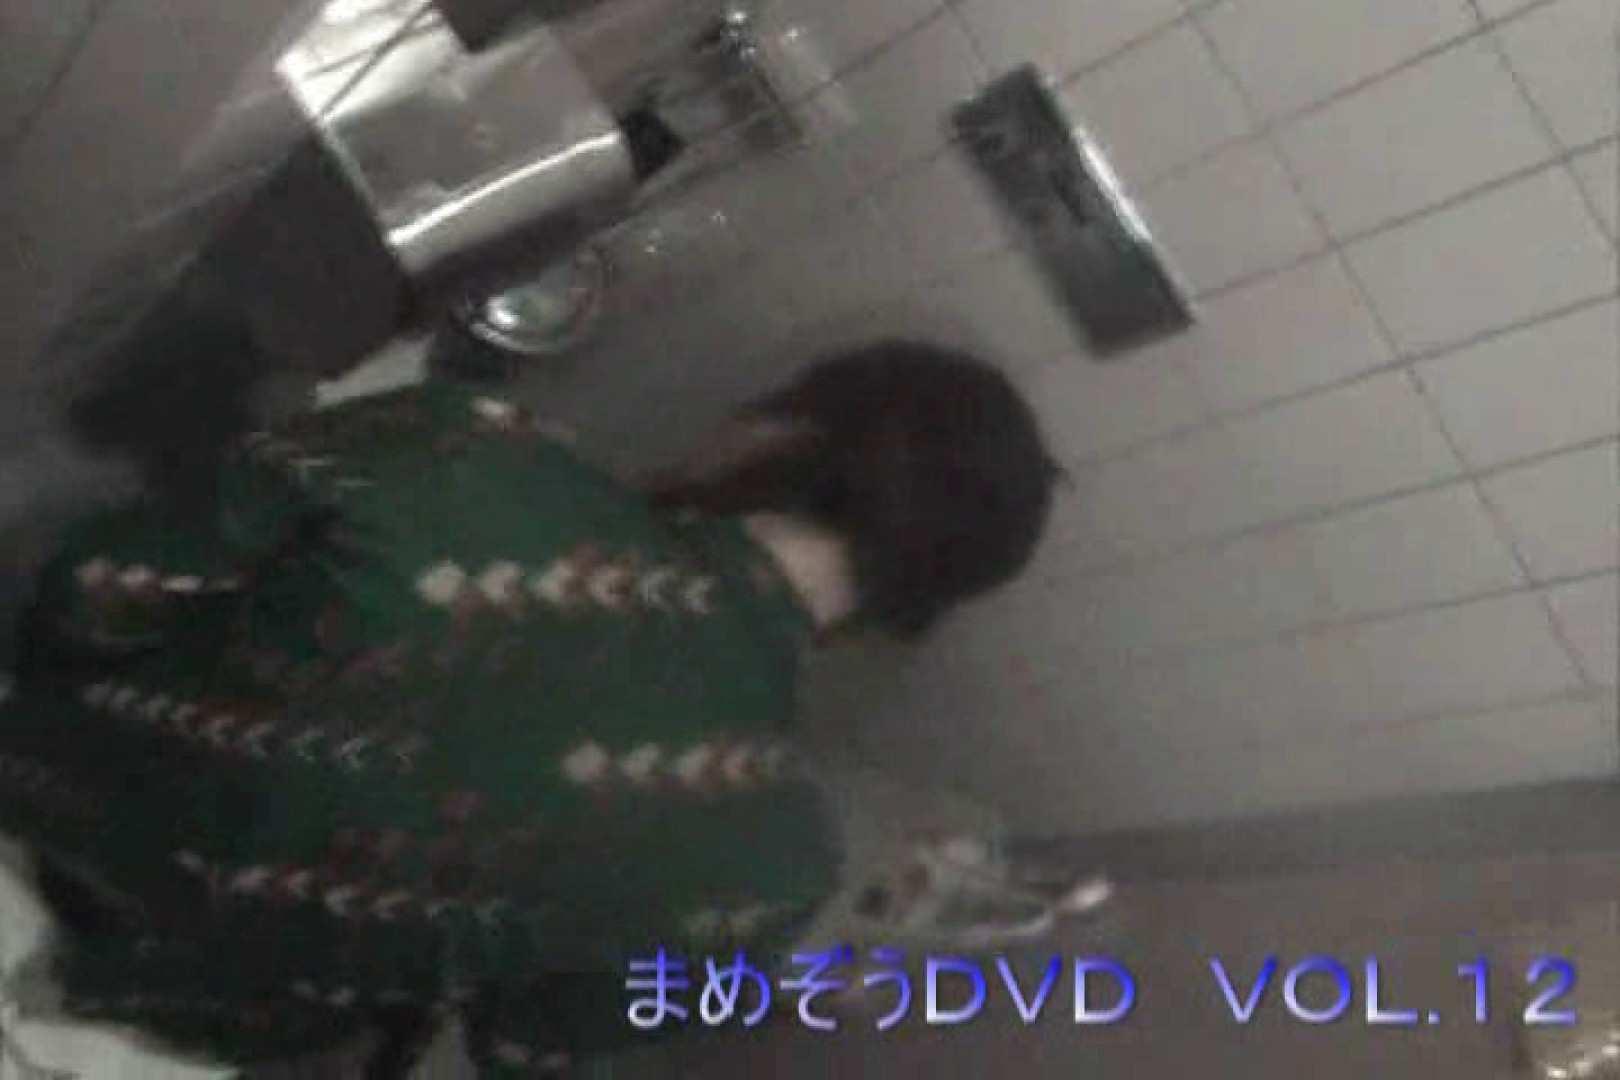 まめぞうDVD完全版VOL.12 ギャル  55連発 4